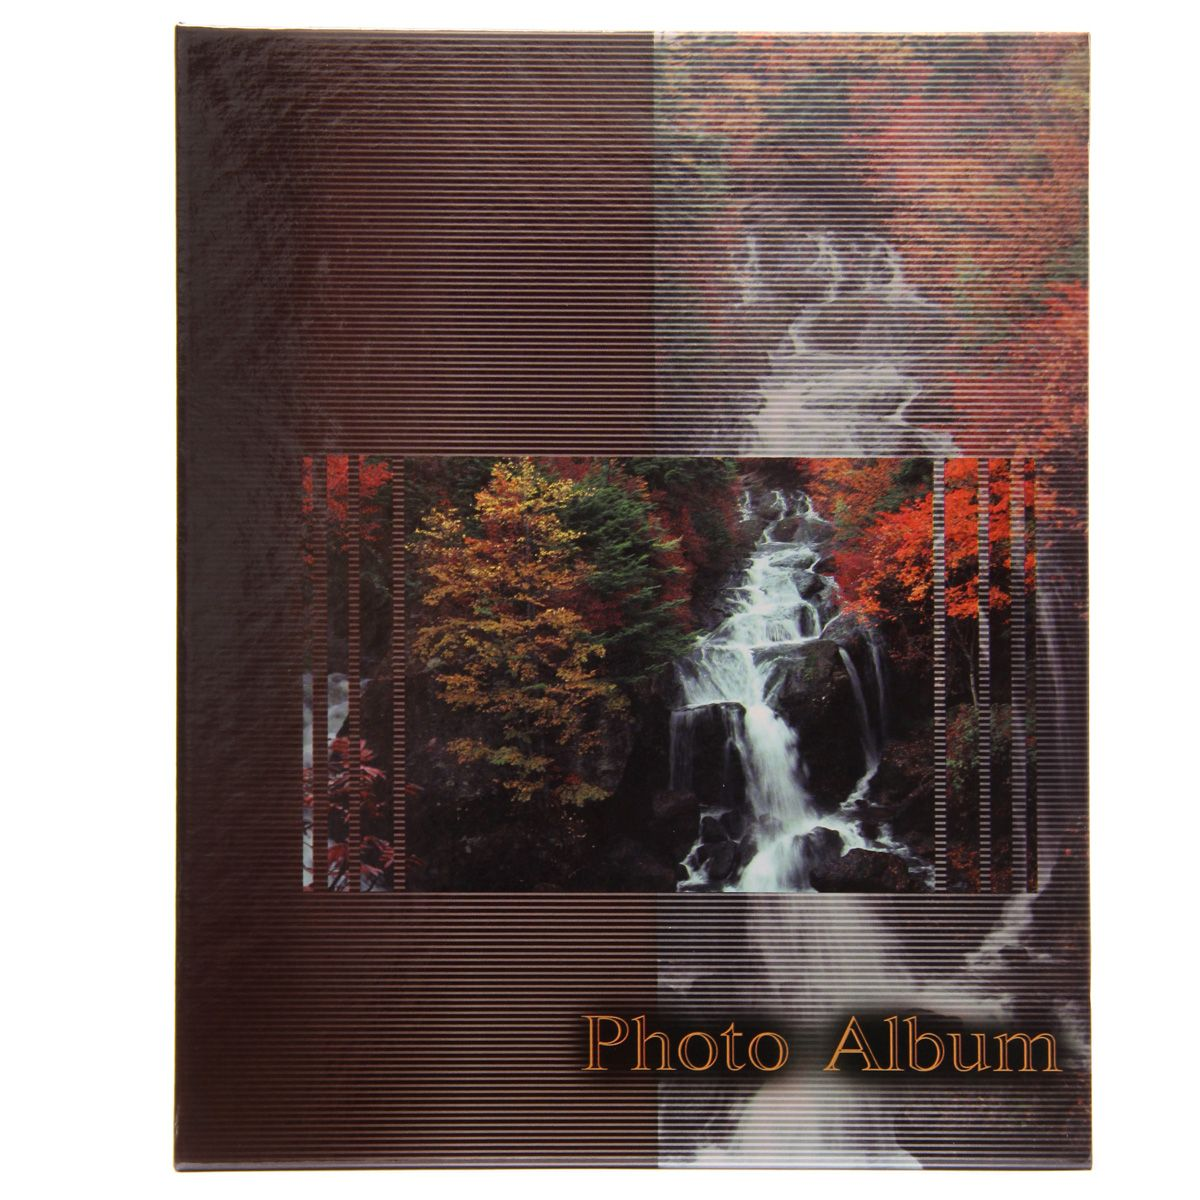 Фотоальбом Pioneer Waterfalls, 200 фотографий, 10 х 15 см12195 WF-022/194Фотоальбом Pioneer Waterfalls поможет красиво оформить ваши самые интересныефотографии. Обложка из толстого картона оформлена оригинальным принтом. Фотоальбом рассчитан на 200 фотографий форматом 10 x 15 см. Внутри содержится блок из 50 листов с окошками из полипропилена, одна страница оформлена двумя окошками для фотографий. Такой необычный фотоальбом позволит легко заполнить страницы вашей истории, и с годами ничего не забудется.Тип обложки: картон.Тип листов: полипропиленовые.Тип переплета: высокочастотная сварка. Материалы, использованные в изготовлении альбома, обеспечивают высокое качество хранения ваших фотографий, поэтому фотографии не желтеют со временем.